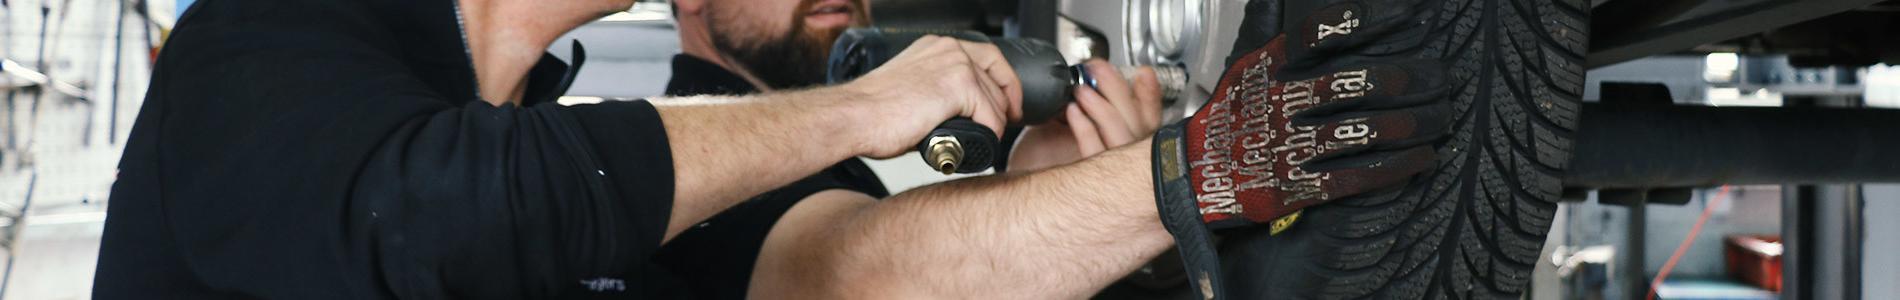 Saisonaler Reifenwechsel bei Autoservice Keck